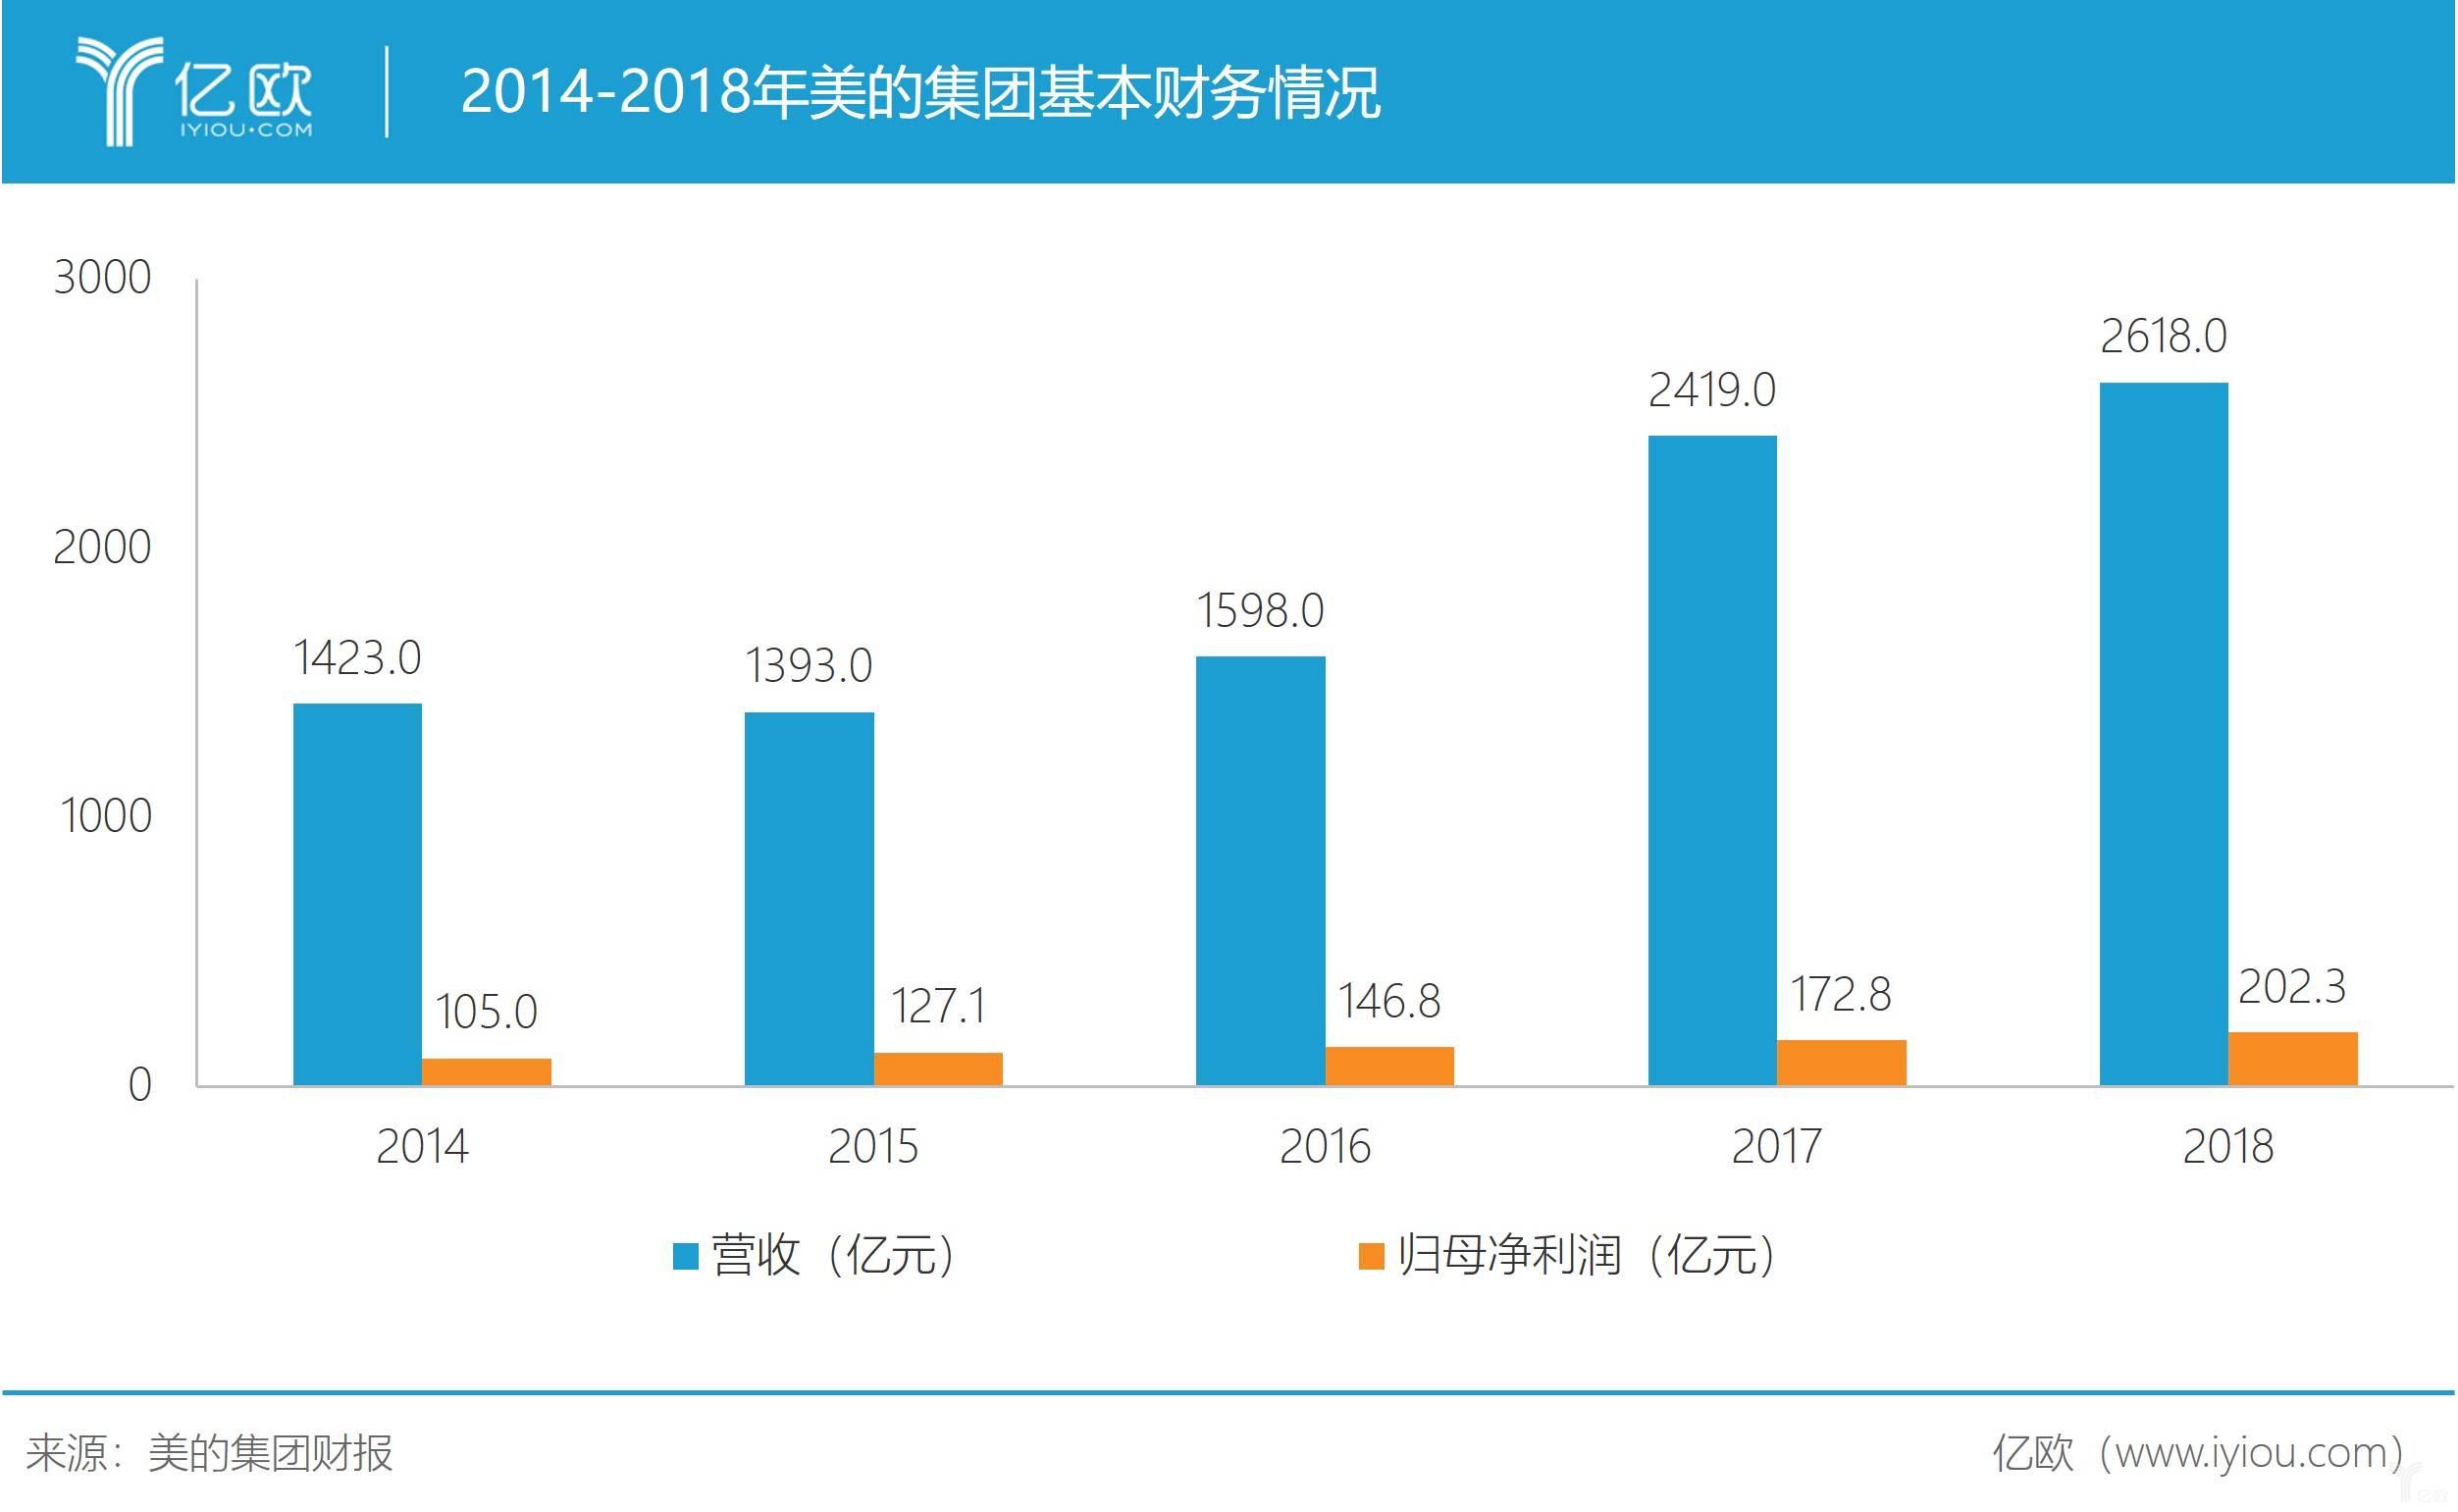 2014-2018年美的集团基本财务情况